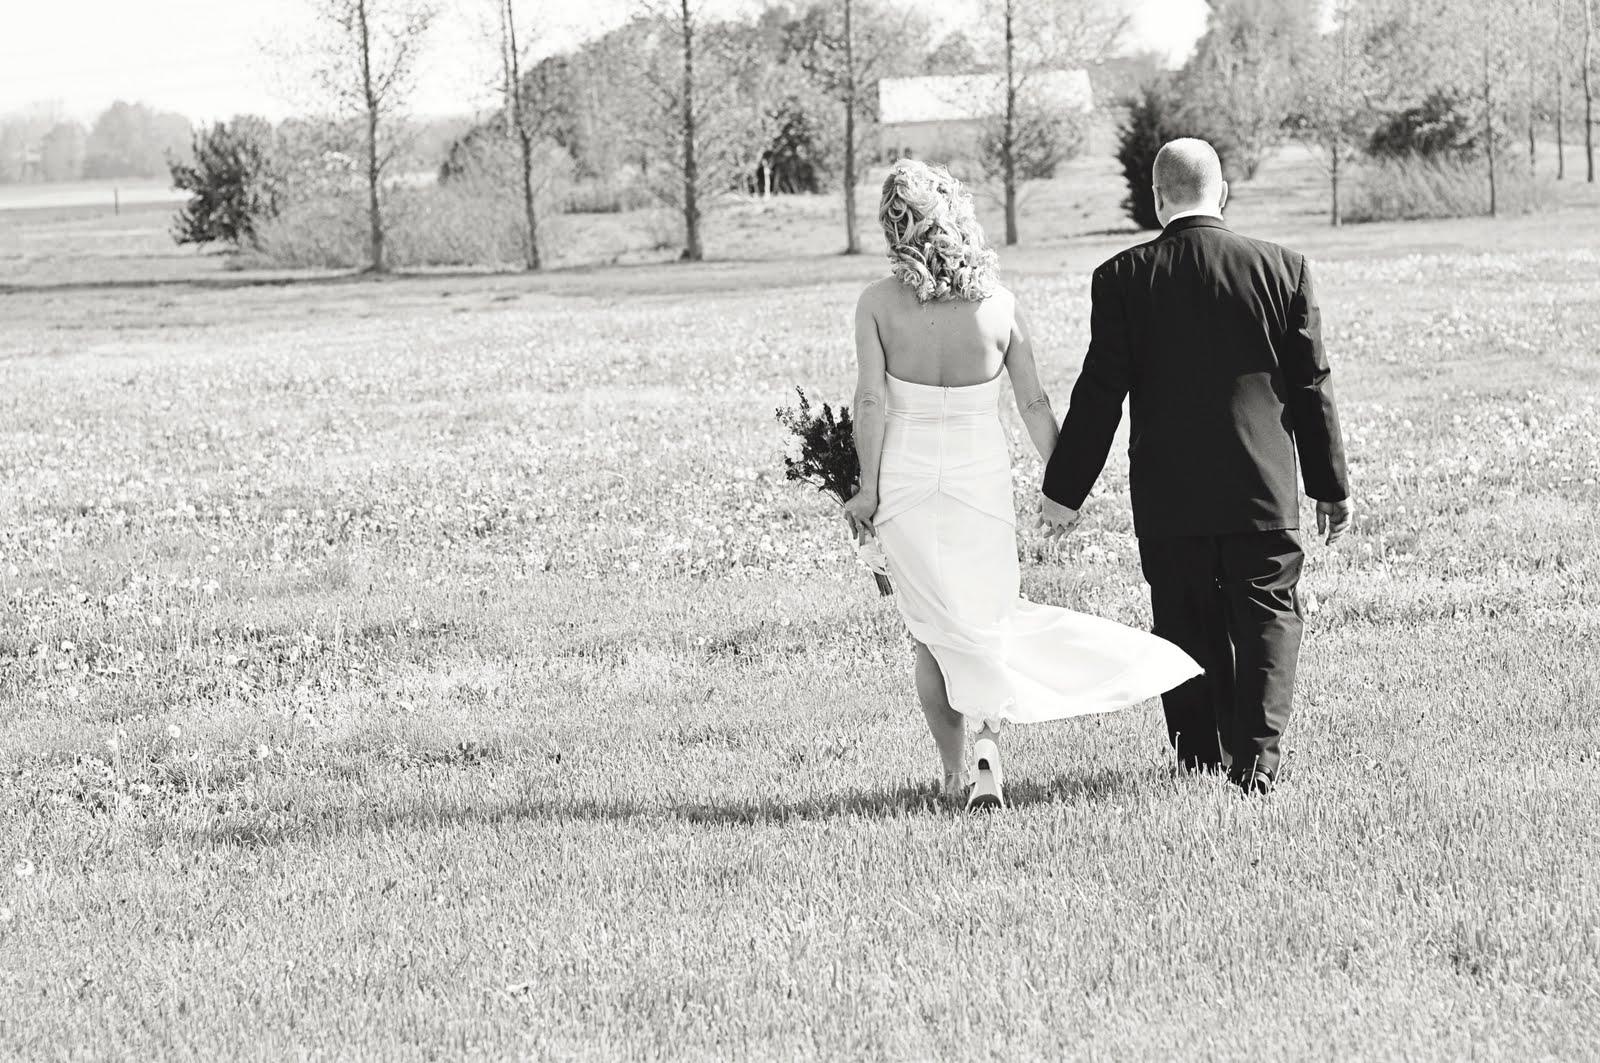 Binkley Shoot Renewal Of Vows 25 Years